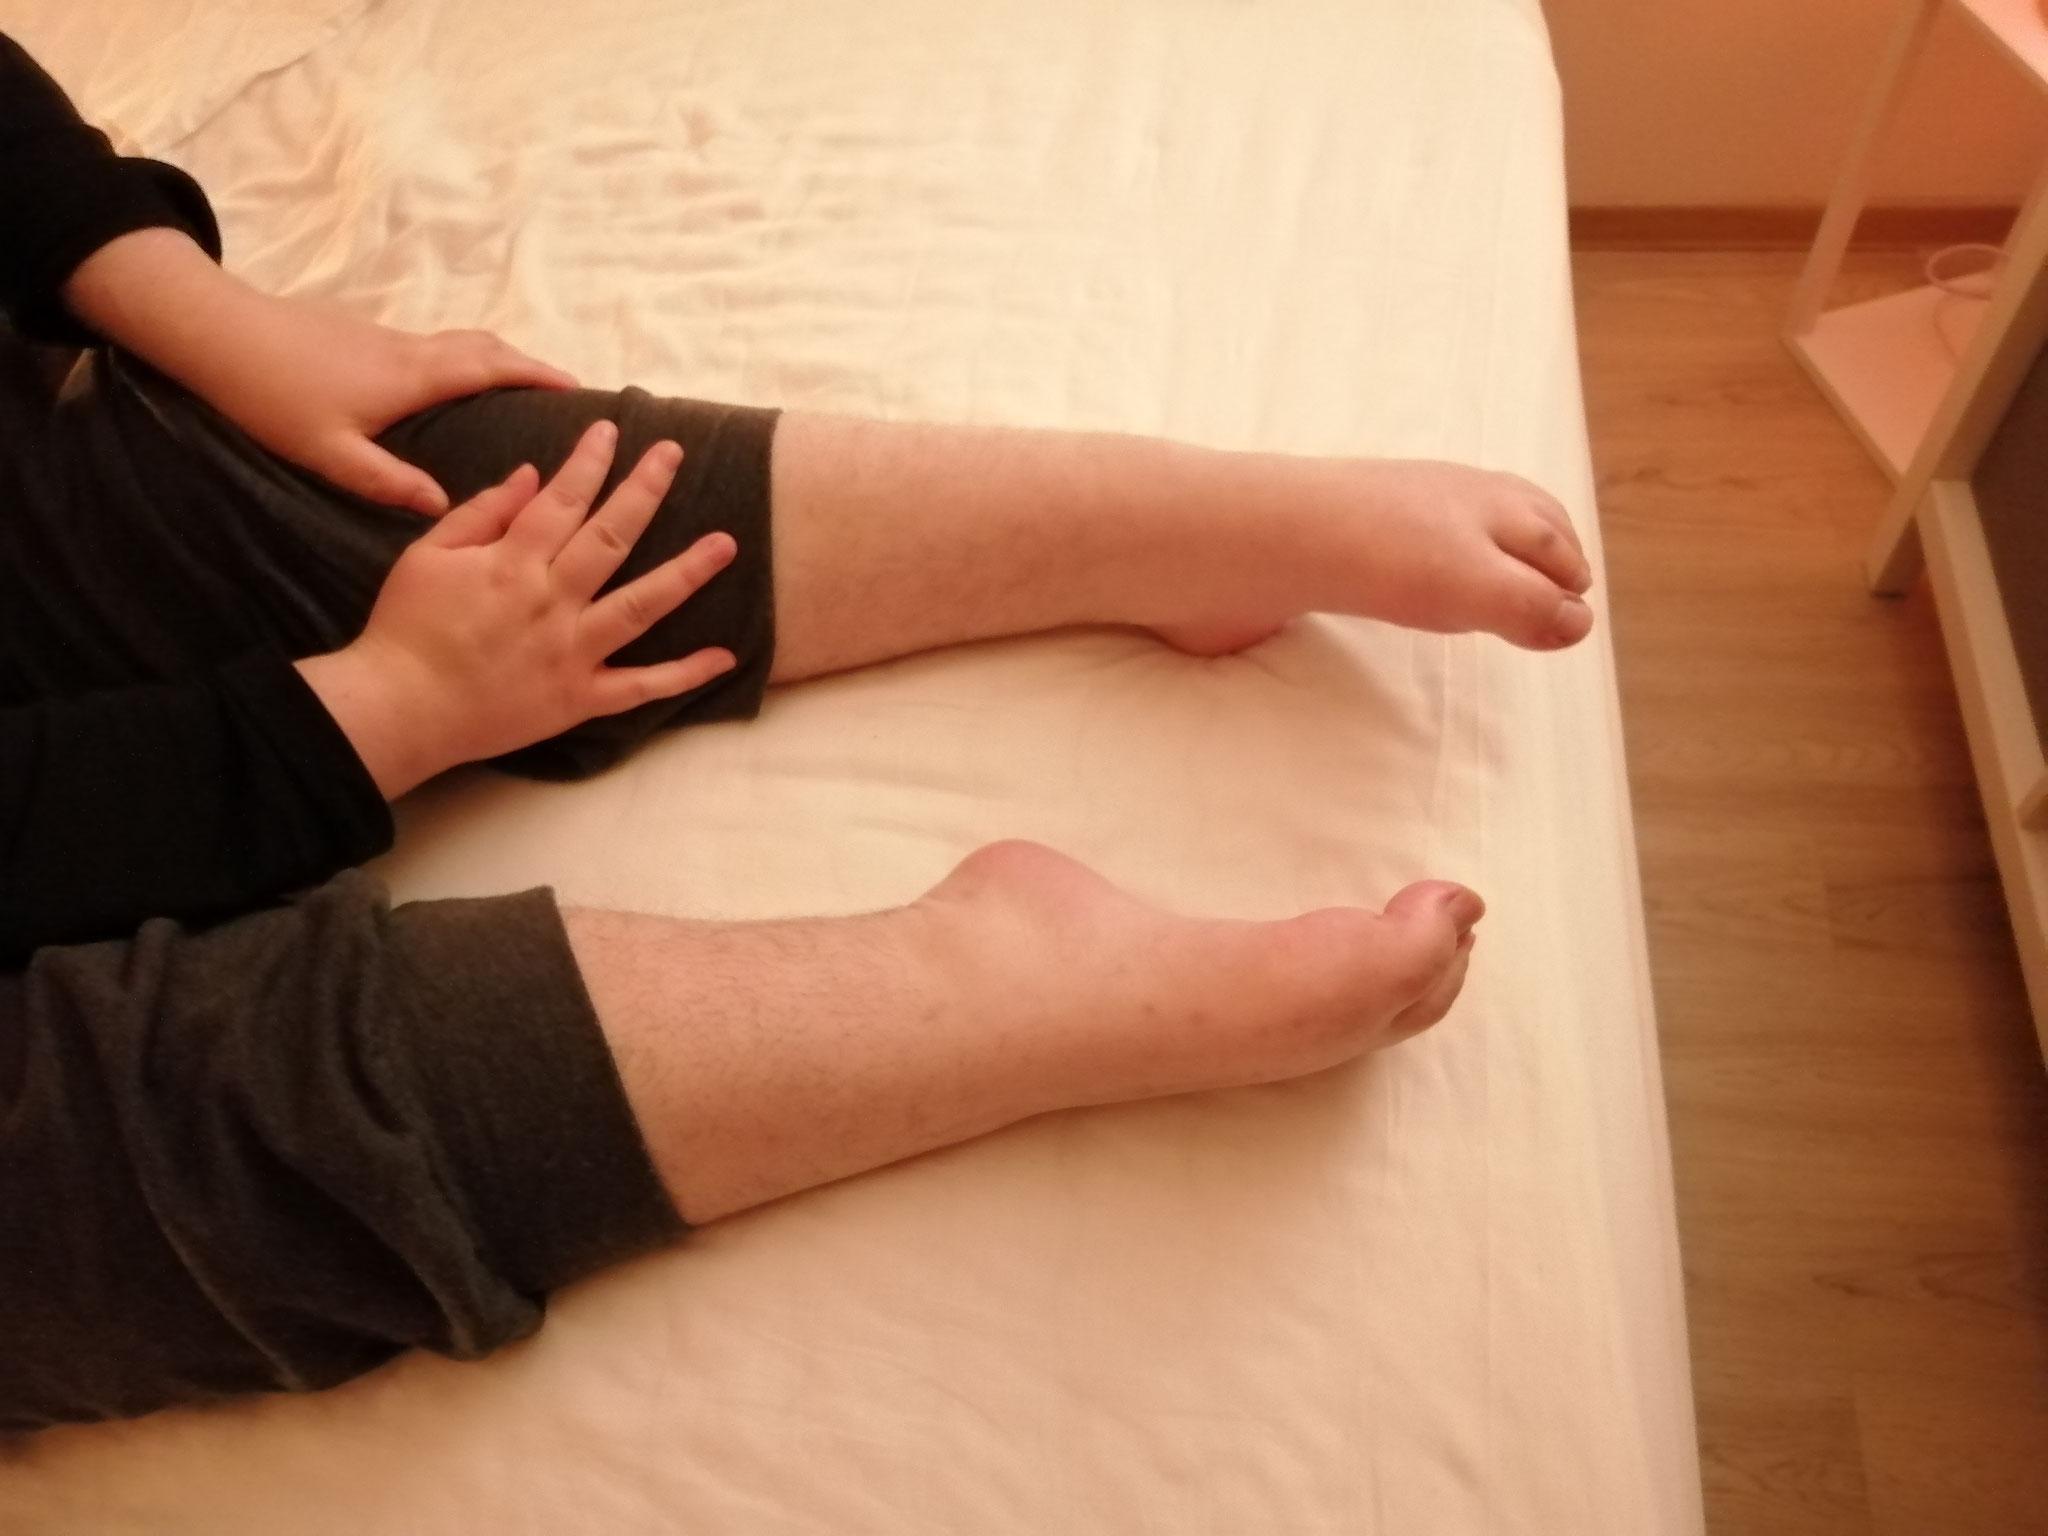 Meine Füße haben sich verkrümmt und lassen sich auch nicht mehr in die normale Position biegen. Anfassen tut weh!